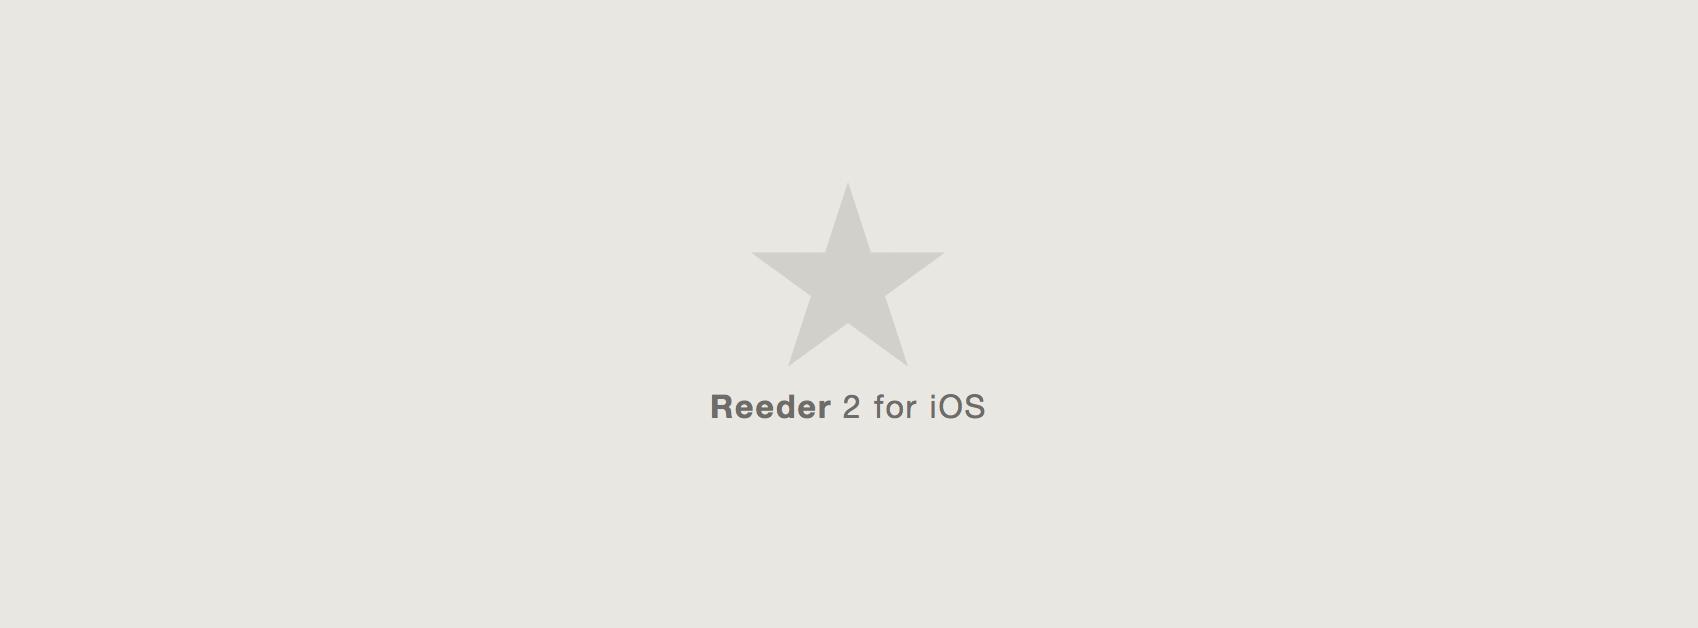 Reeder 2